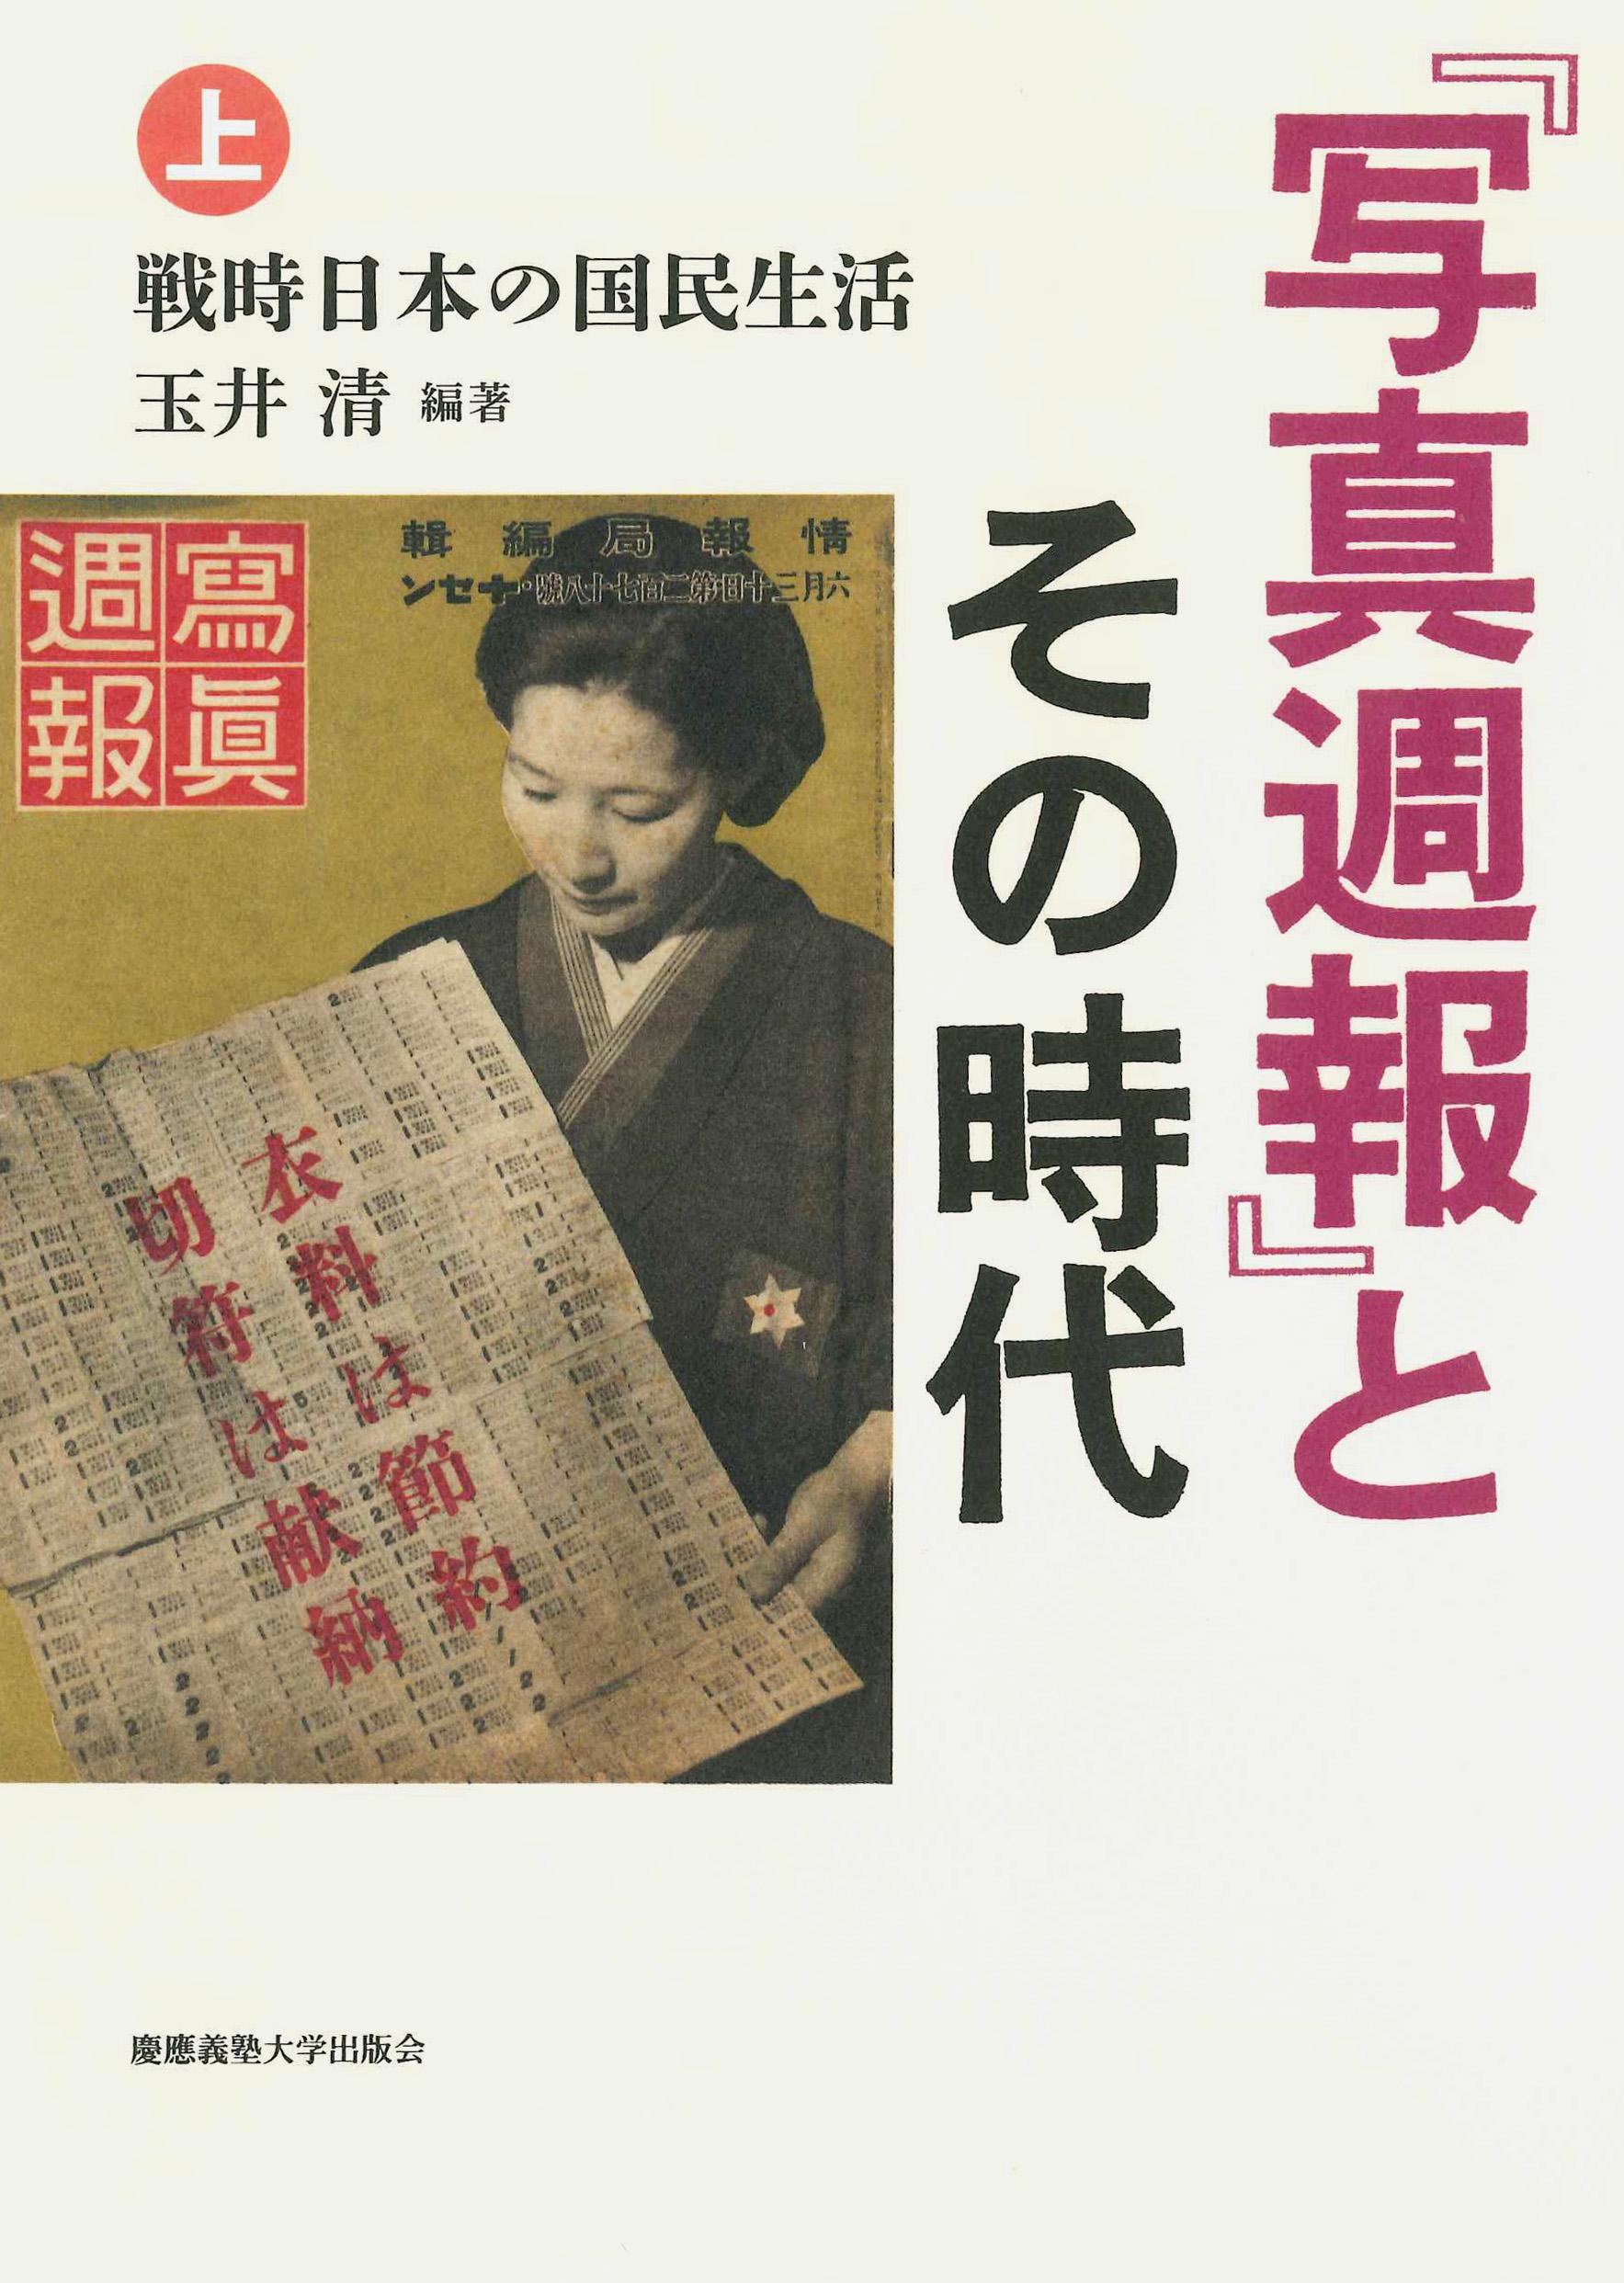 『写真週報』とその時代(上) ――戦時日本の国民生活 玉井 清編著